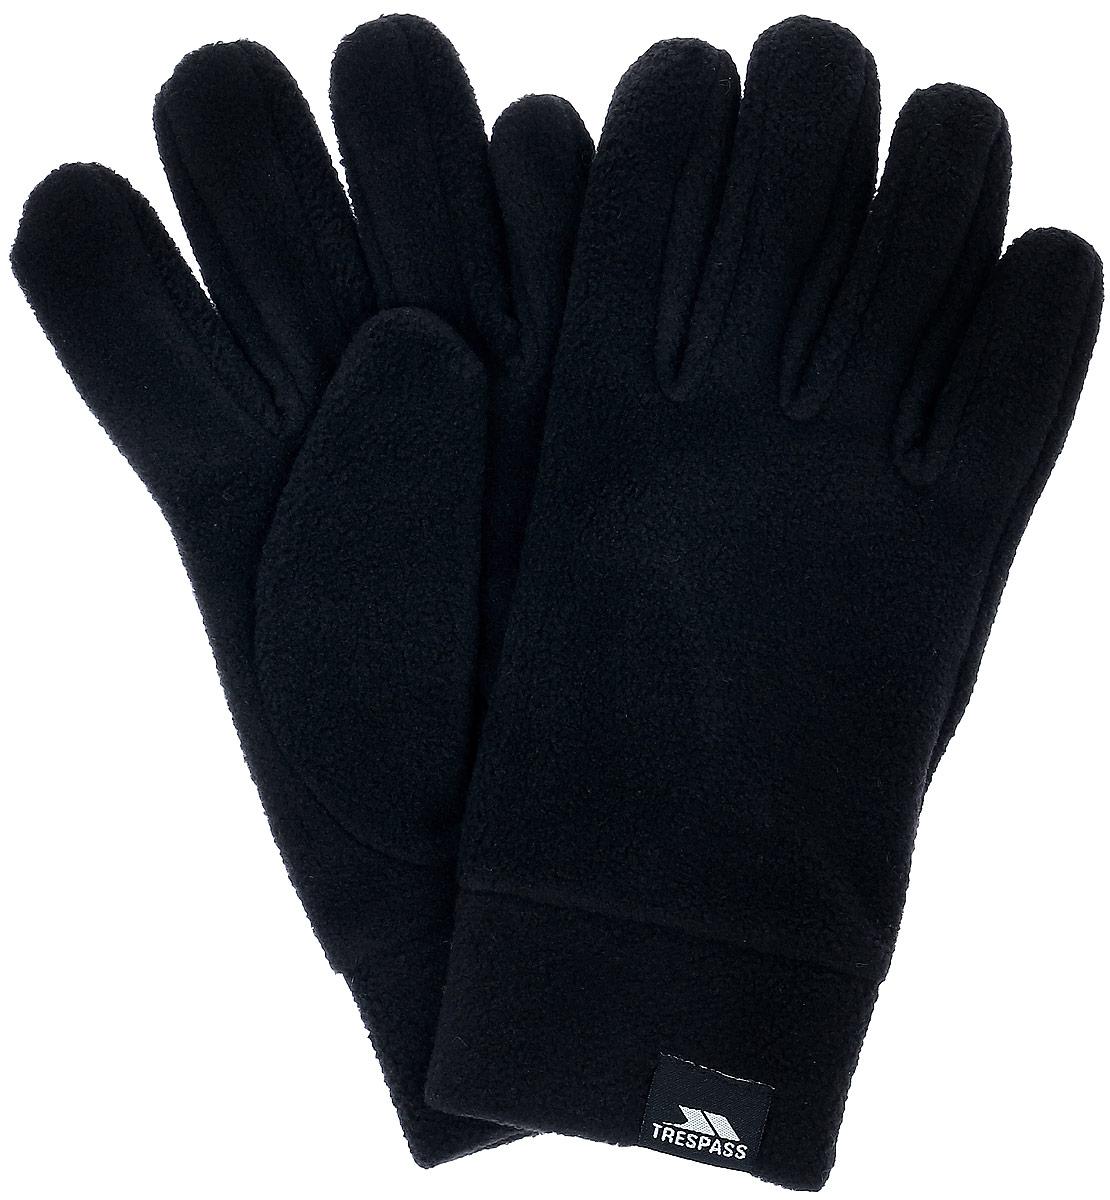 ПерчаткиFAGLGLM20001Женские перчатки Trespass Plummet ll полностью выполнены из полиэстера, который обеспечит тепло и комфорт при носке. Модель оформлена фирменной нашивкой. Перчатки дополнены манжетами, которые зафиксируют модель на запястье, не стягивая его.